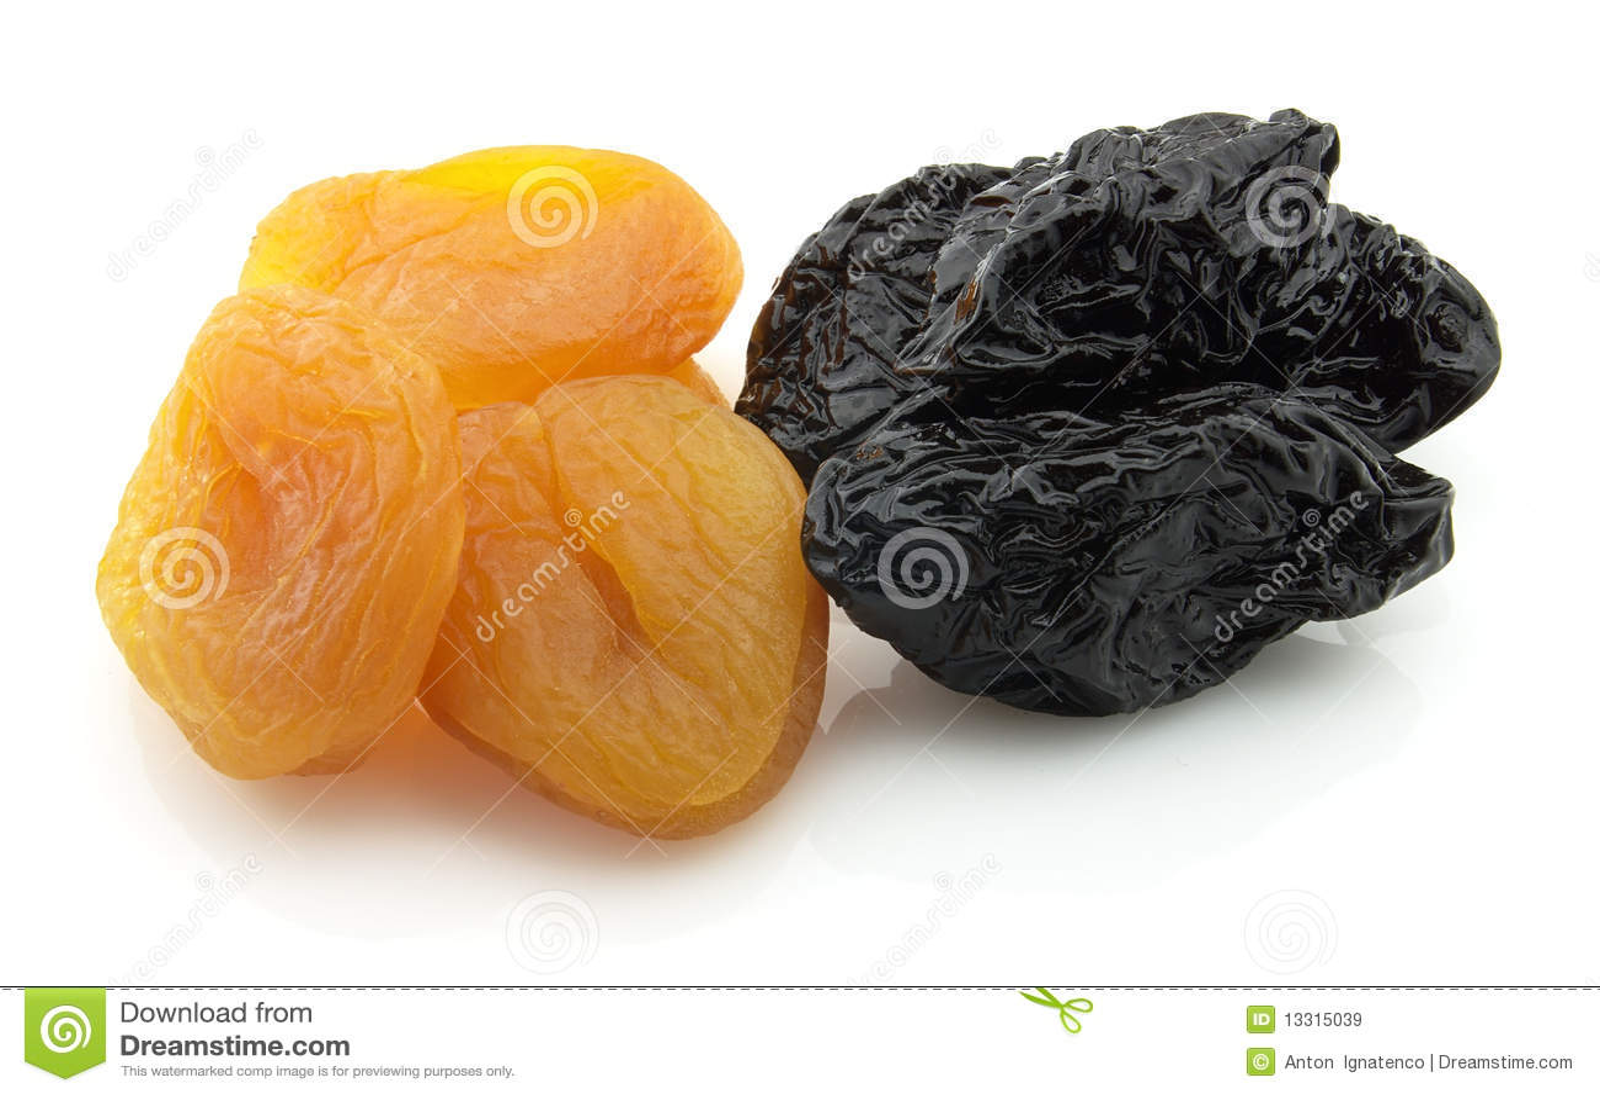 """Résultat de recherche d'images pour """"pruneau sec noir et doré"""""""